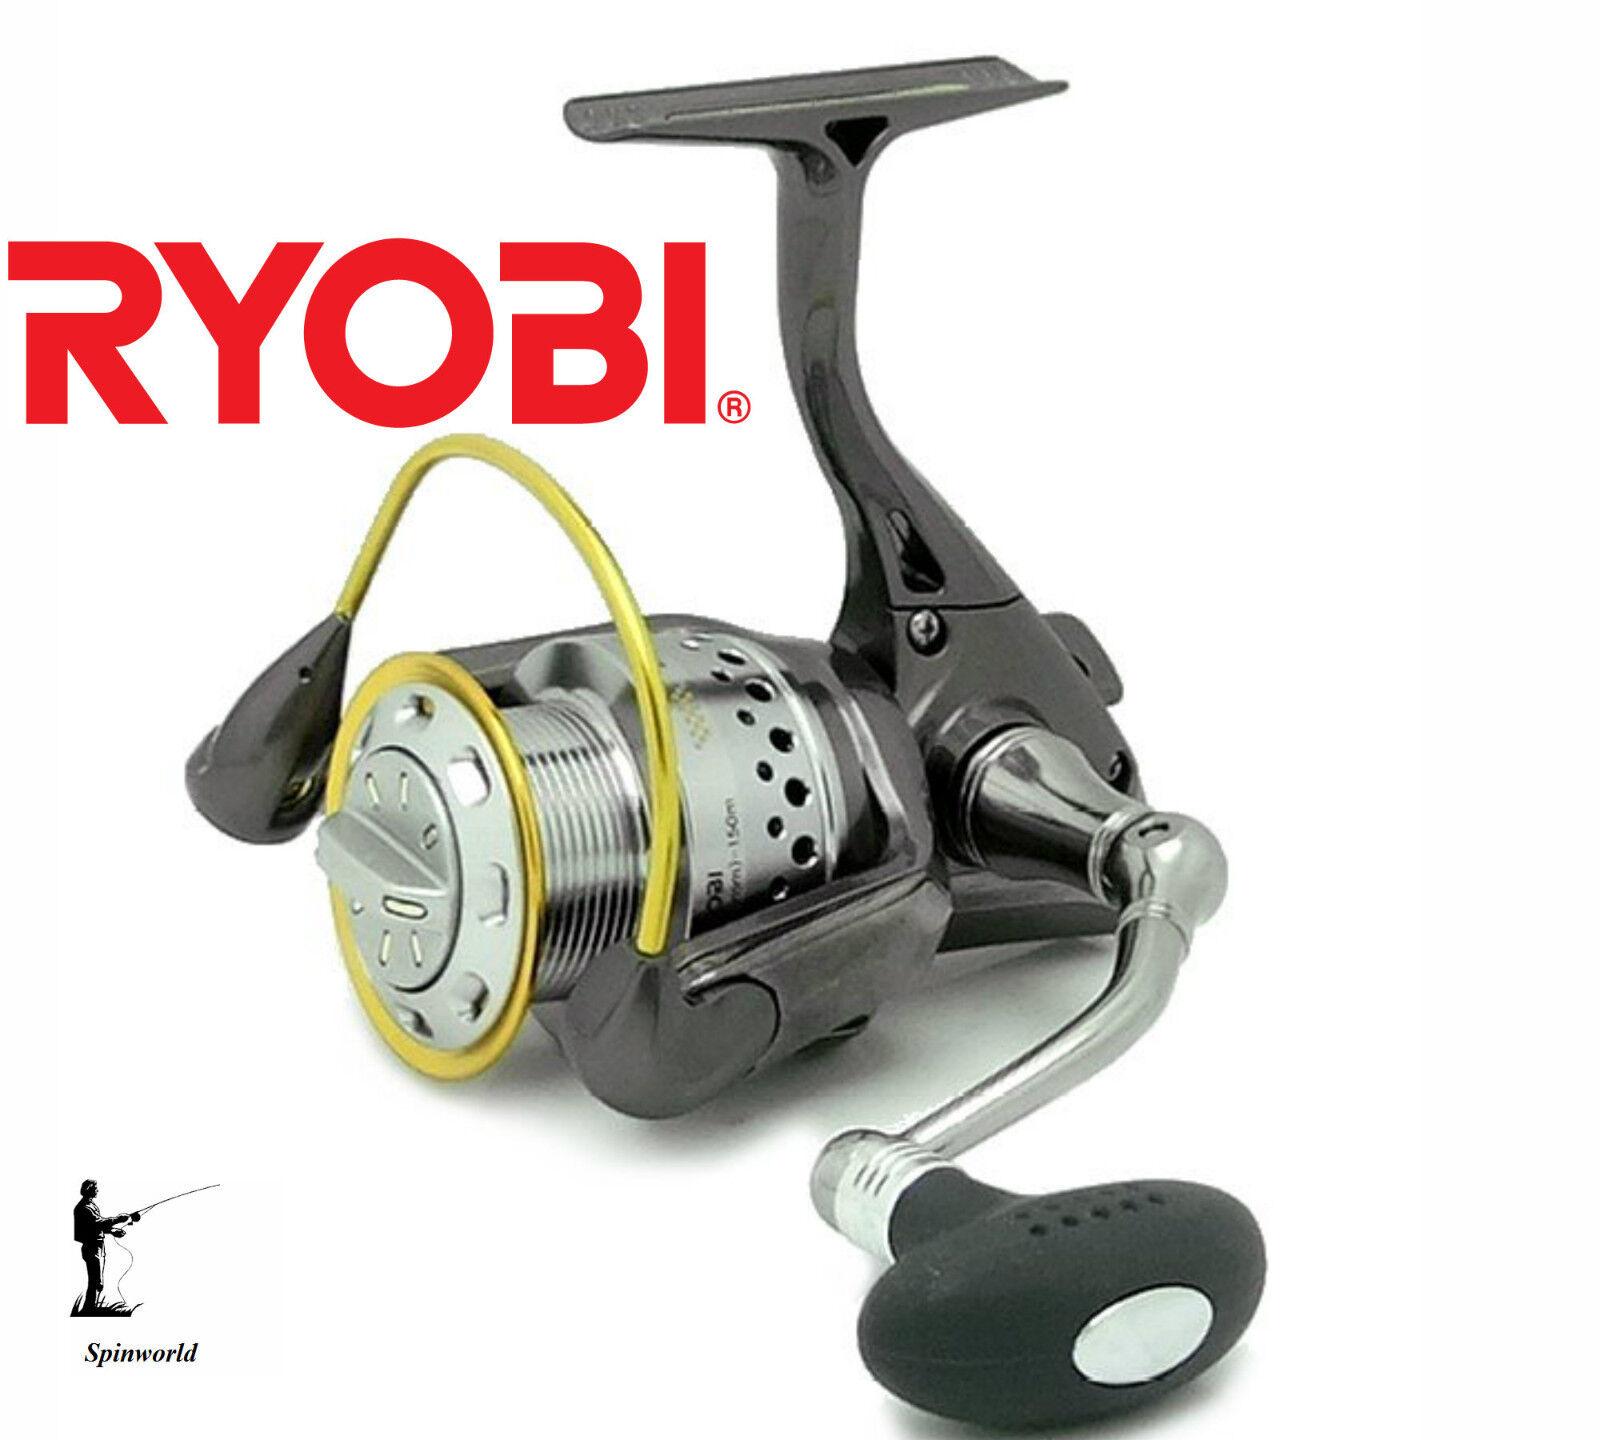 Ryobi Zauber pesca con Mulinello OTTIMO PER PER PER ESCHE varie taglie made in Japan 1st a17727